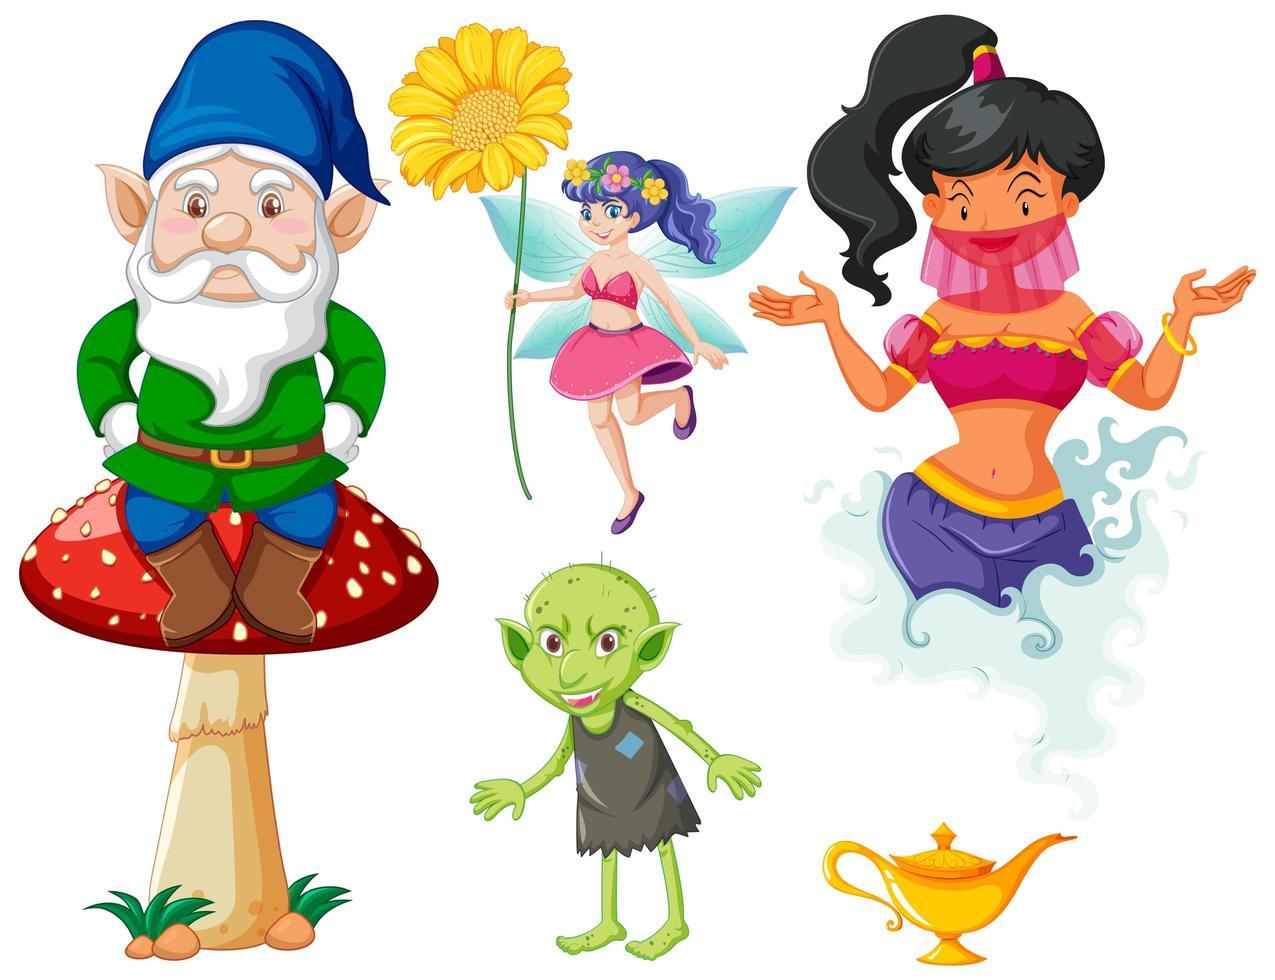 conjunto de personaje de dibujos animados de fantasía de cuento de hadas sobre fondo blanco vector